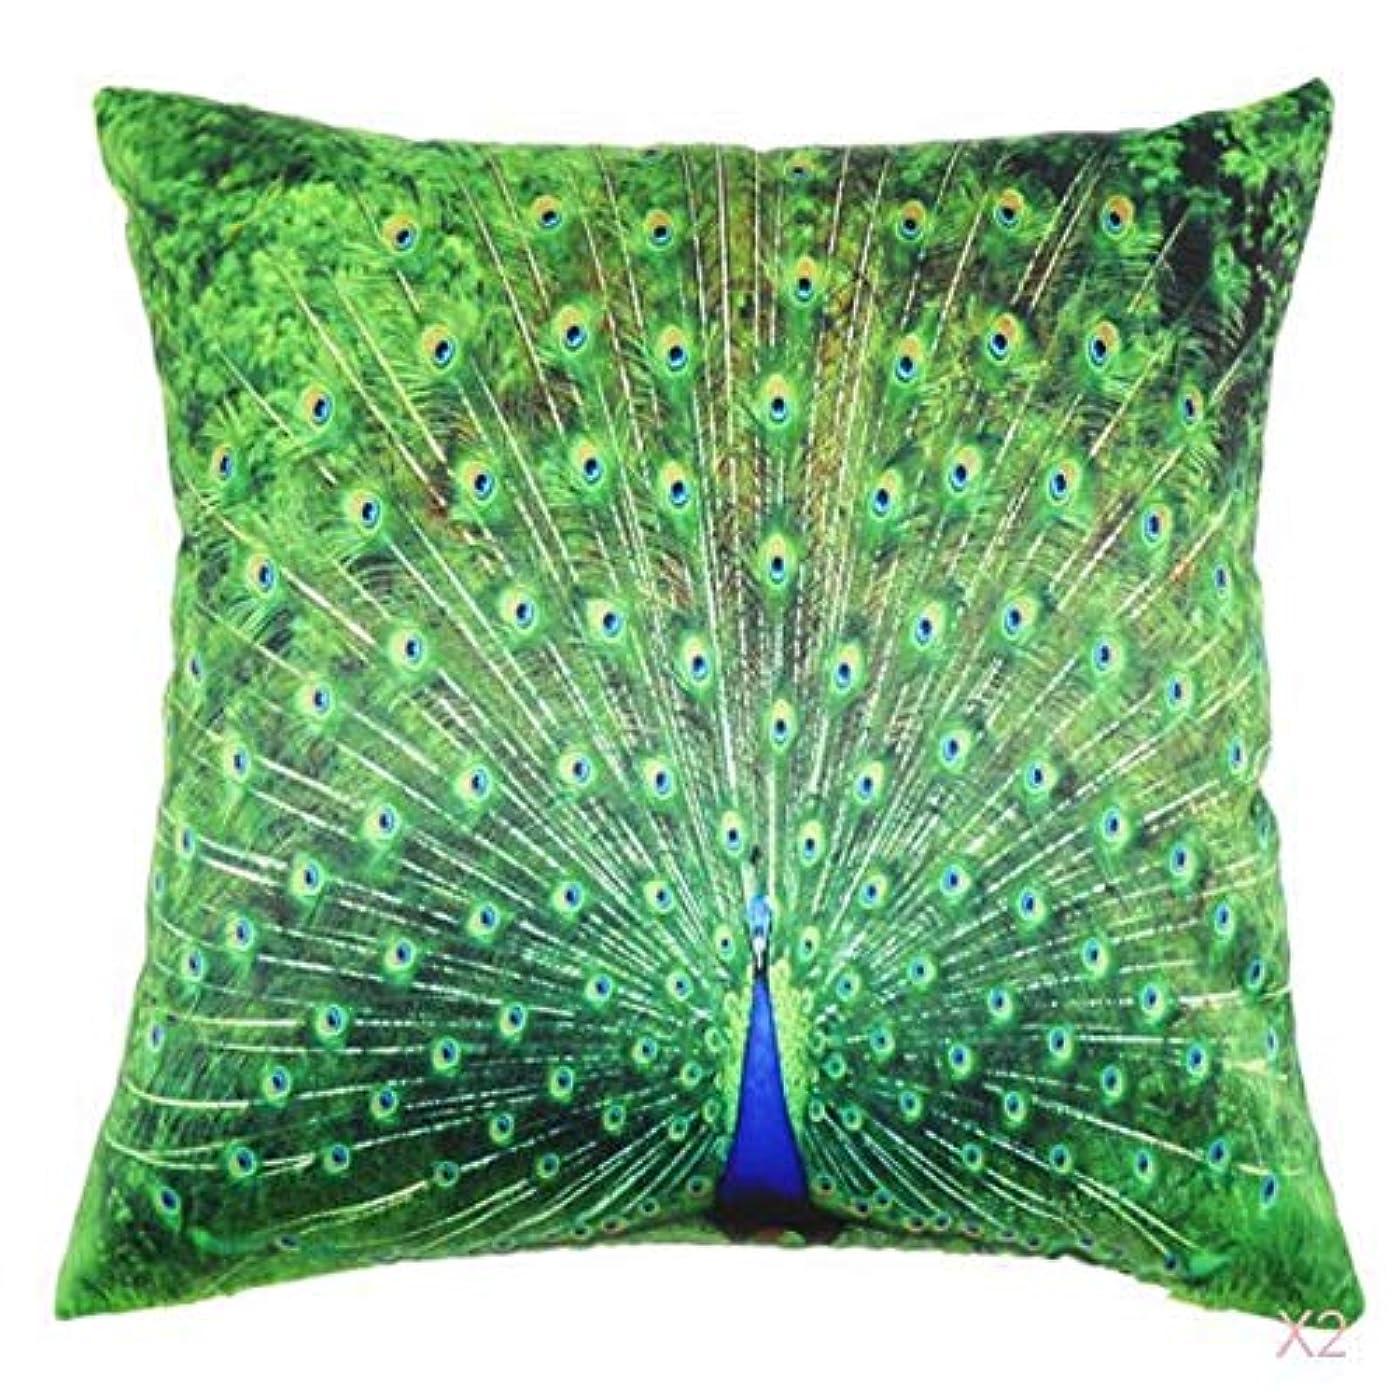 ところで船形エイズ45センチメートル家の装飾スロー枕カバークッションカバーヴィンテージ孔雀のパターン04